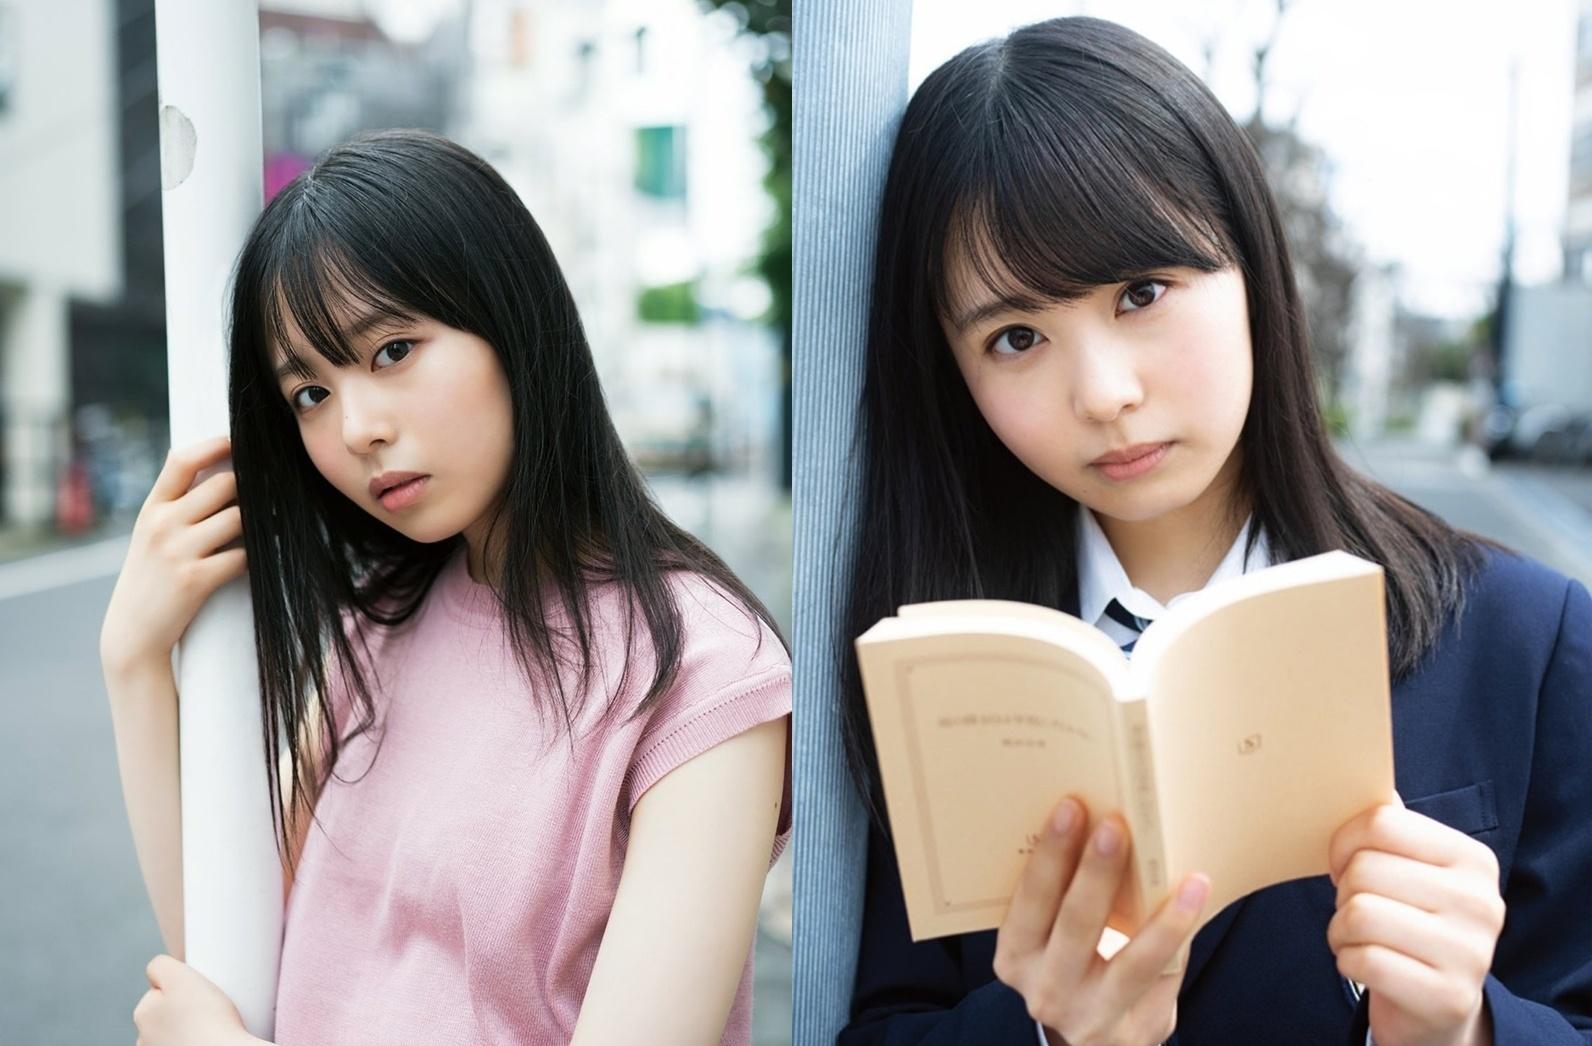 乃木坂46透明小清新「佐藤璃果」空灵甜笑散发满满女友感温柔气质让人深陷其中